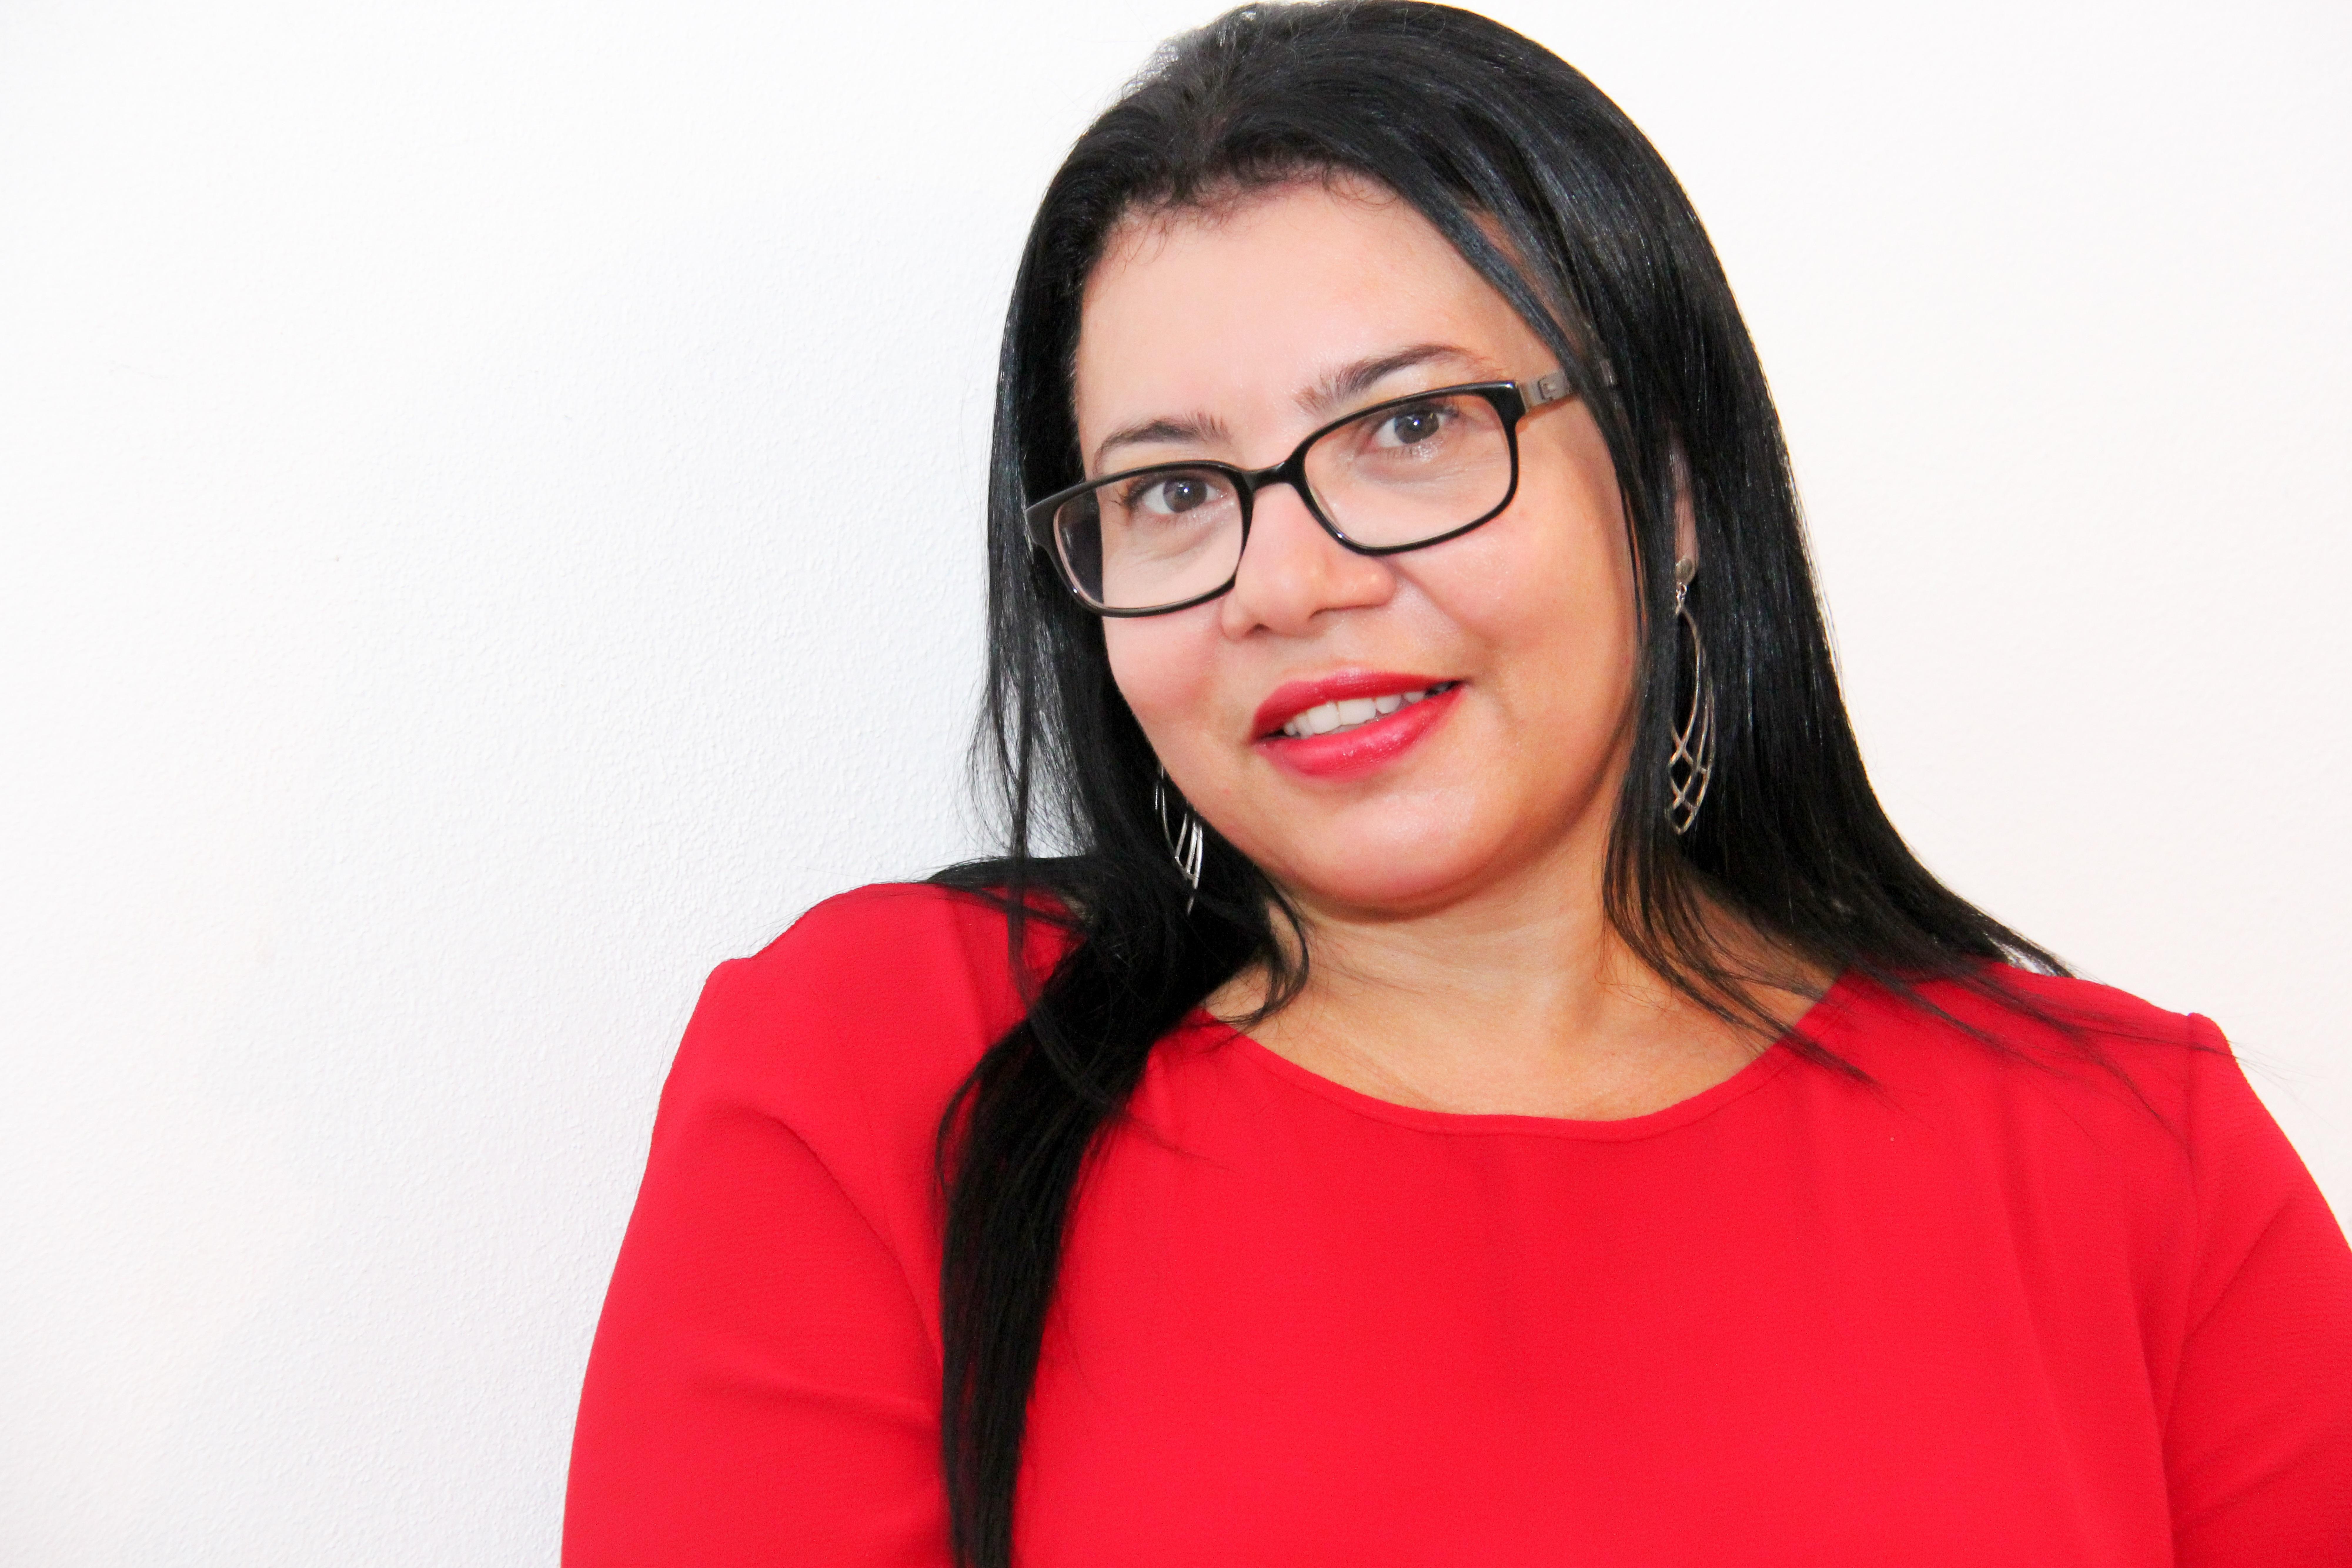 A jornalista kennedense Isa Colli se prepara para lançar mais dois livros, um infantil e um romance, com fatos reais